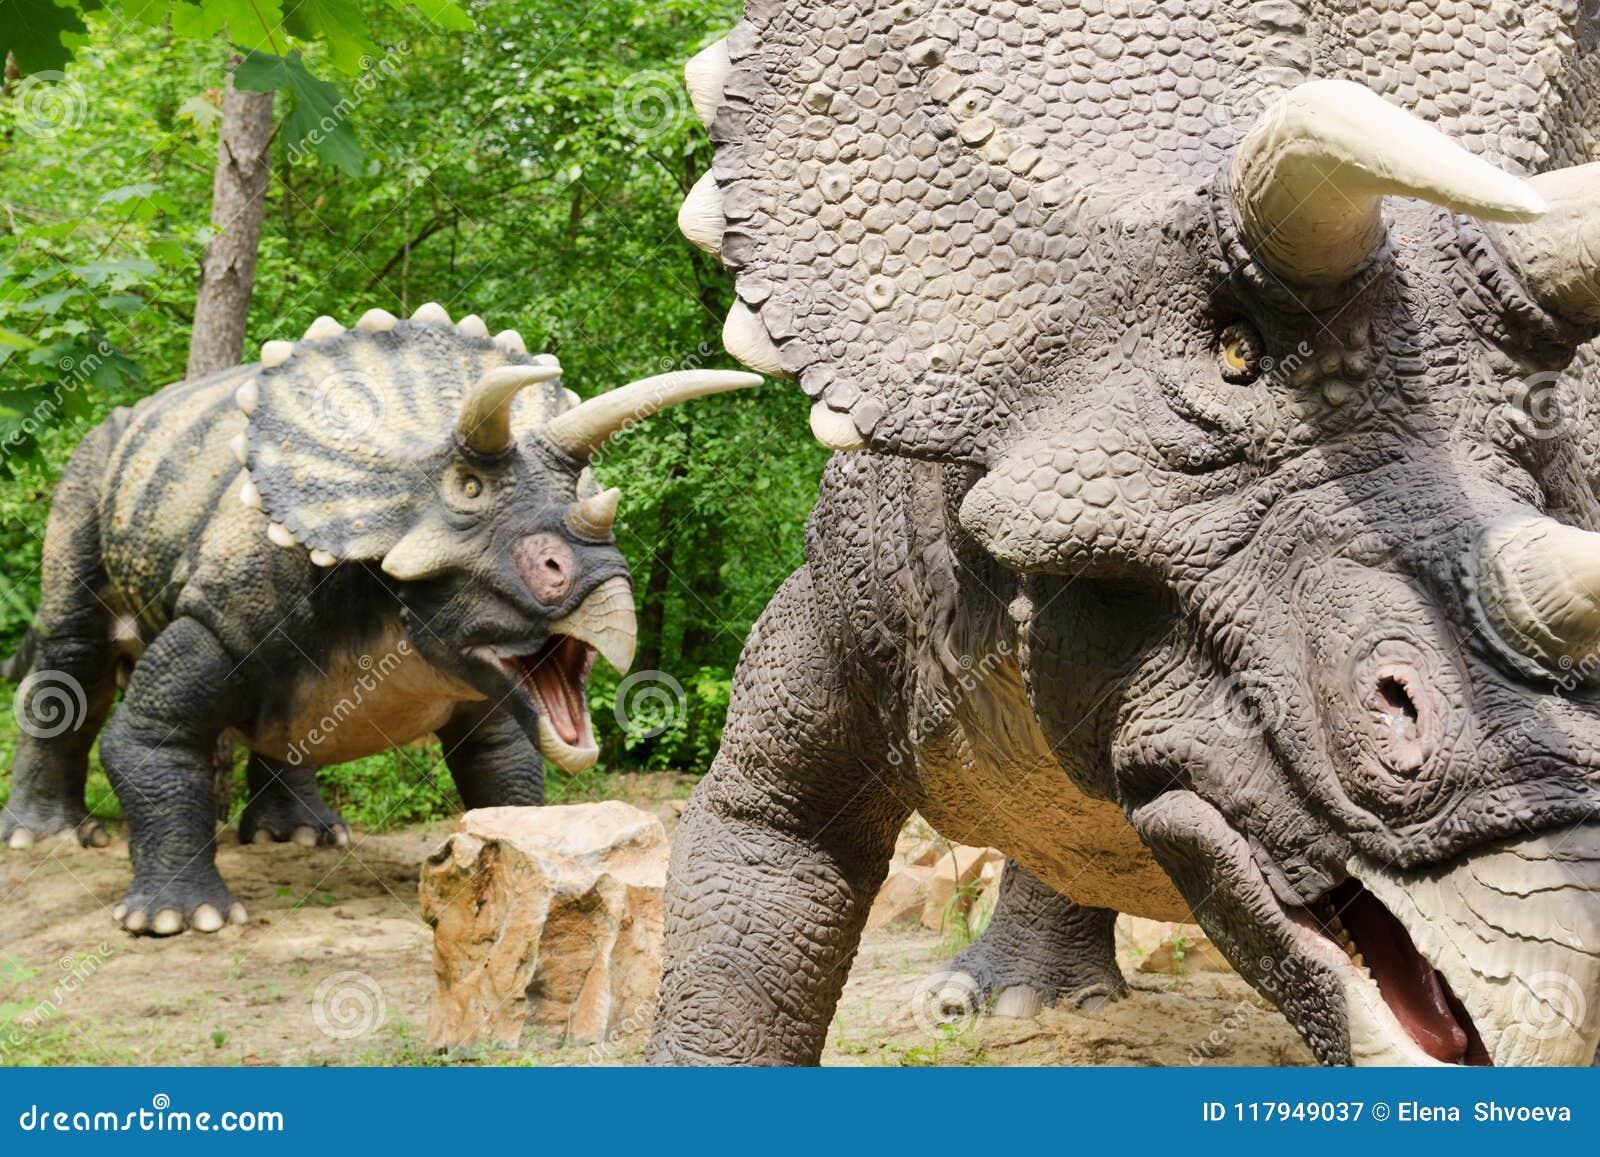 too dinosaurs model triceratops in dinosaur park editorial